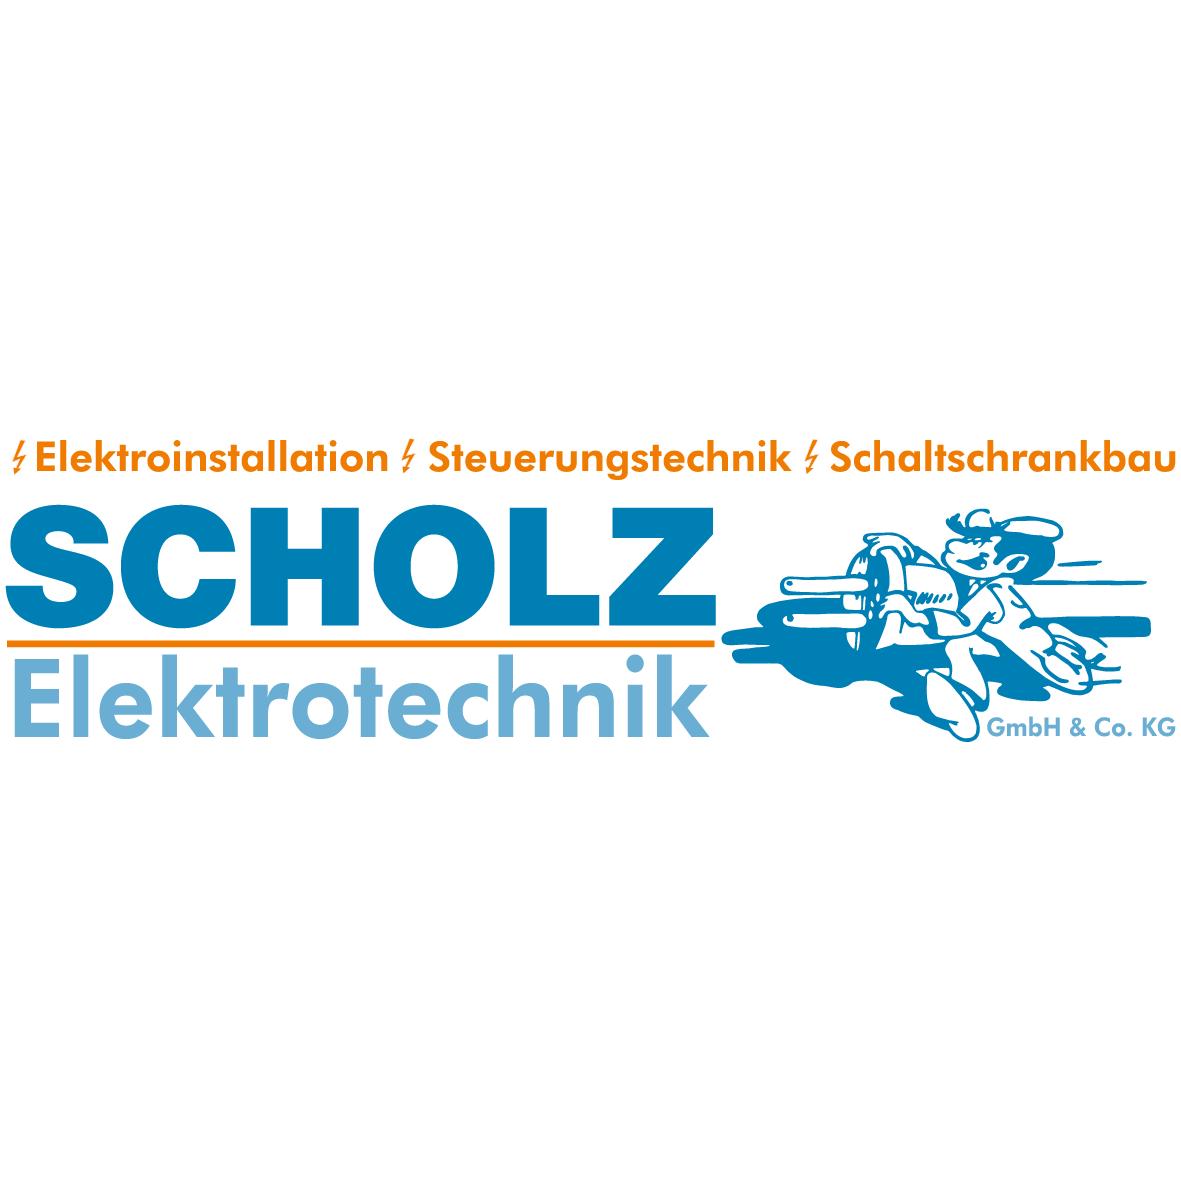 Bild zu Scholz Elektrotechnik GmbH & Co. KG in Wadersloh